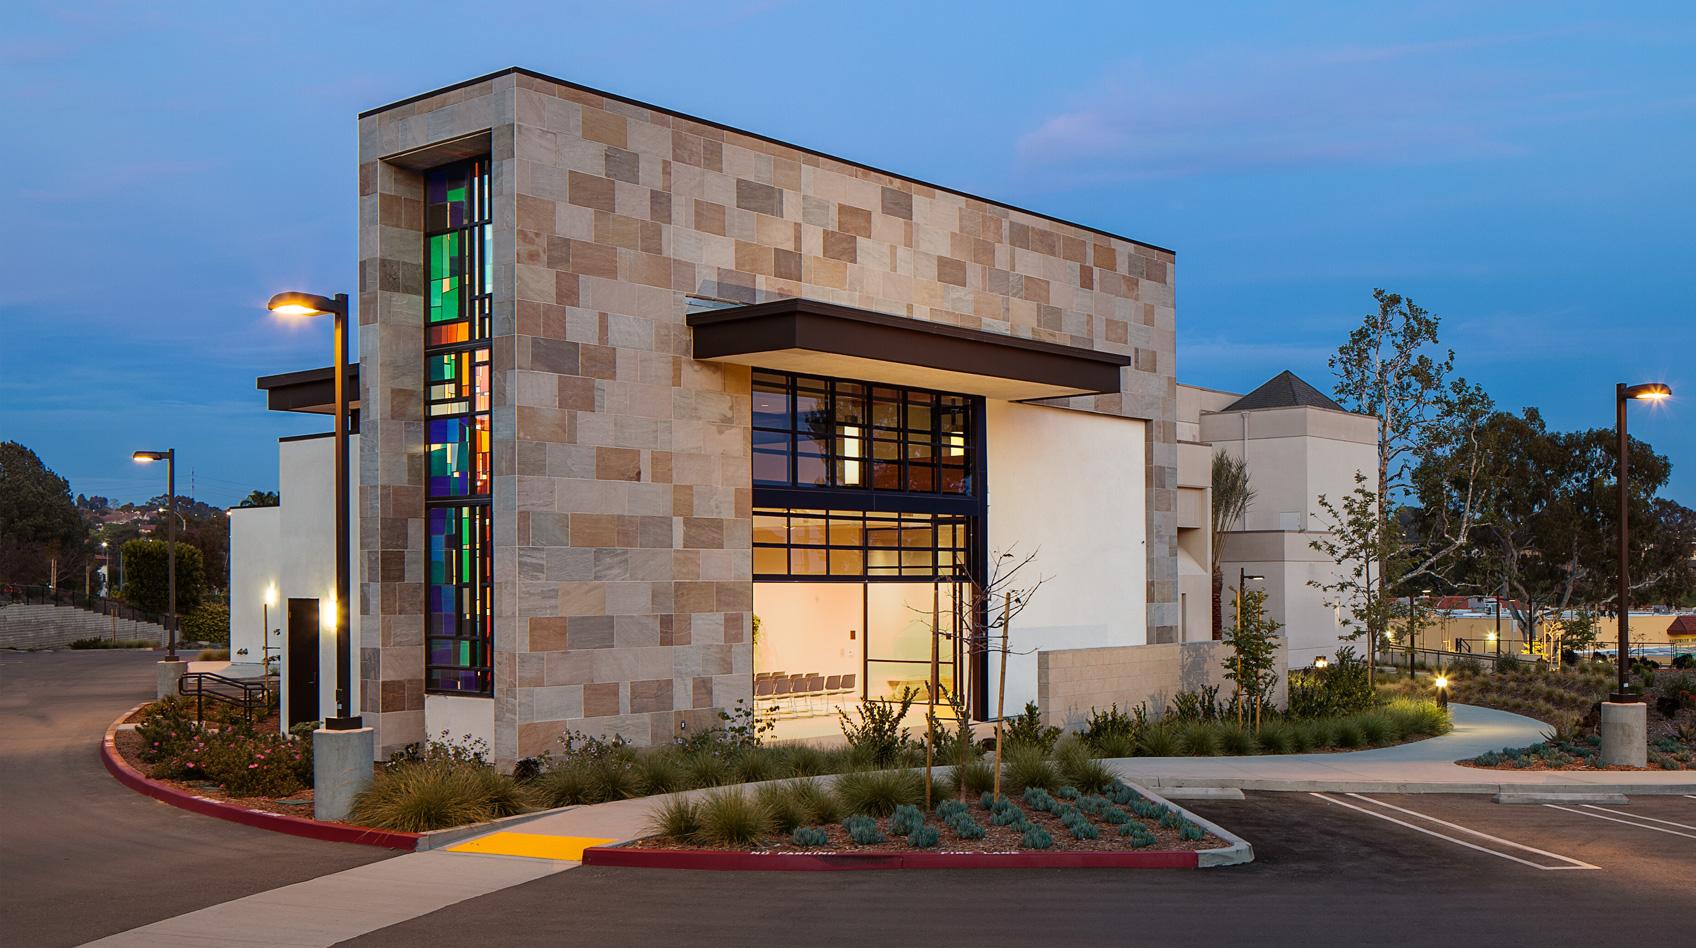 Solana Beach Presbyterian